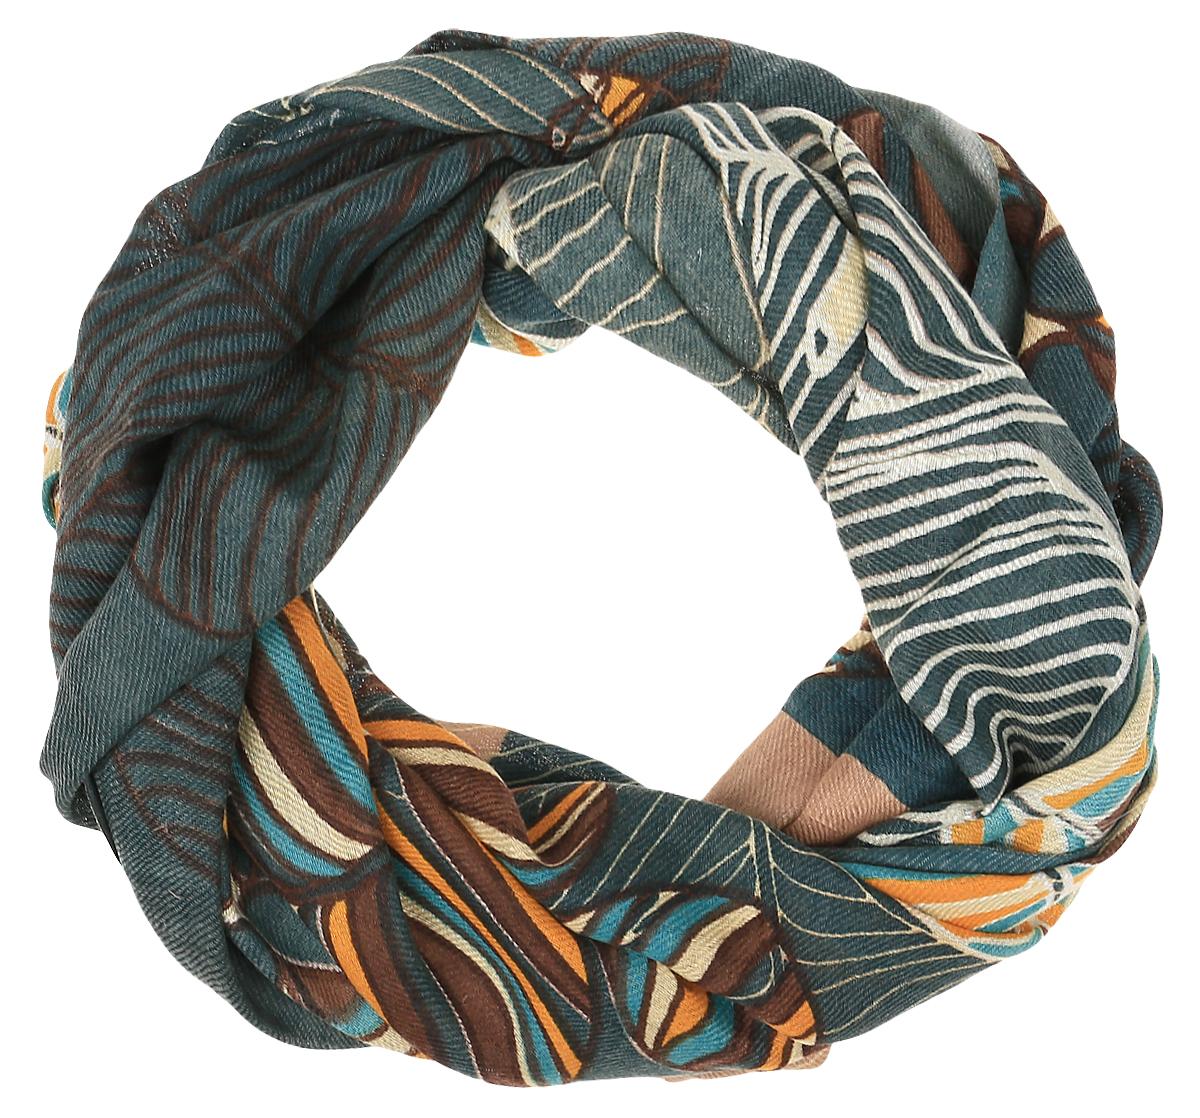 Палантин женский Dispacci, цвет: темно-бирюзовый. 9506. Размер 70 см х 180 см